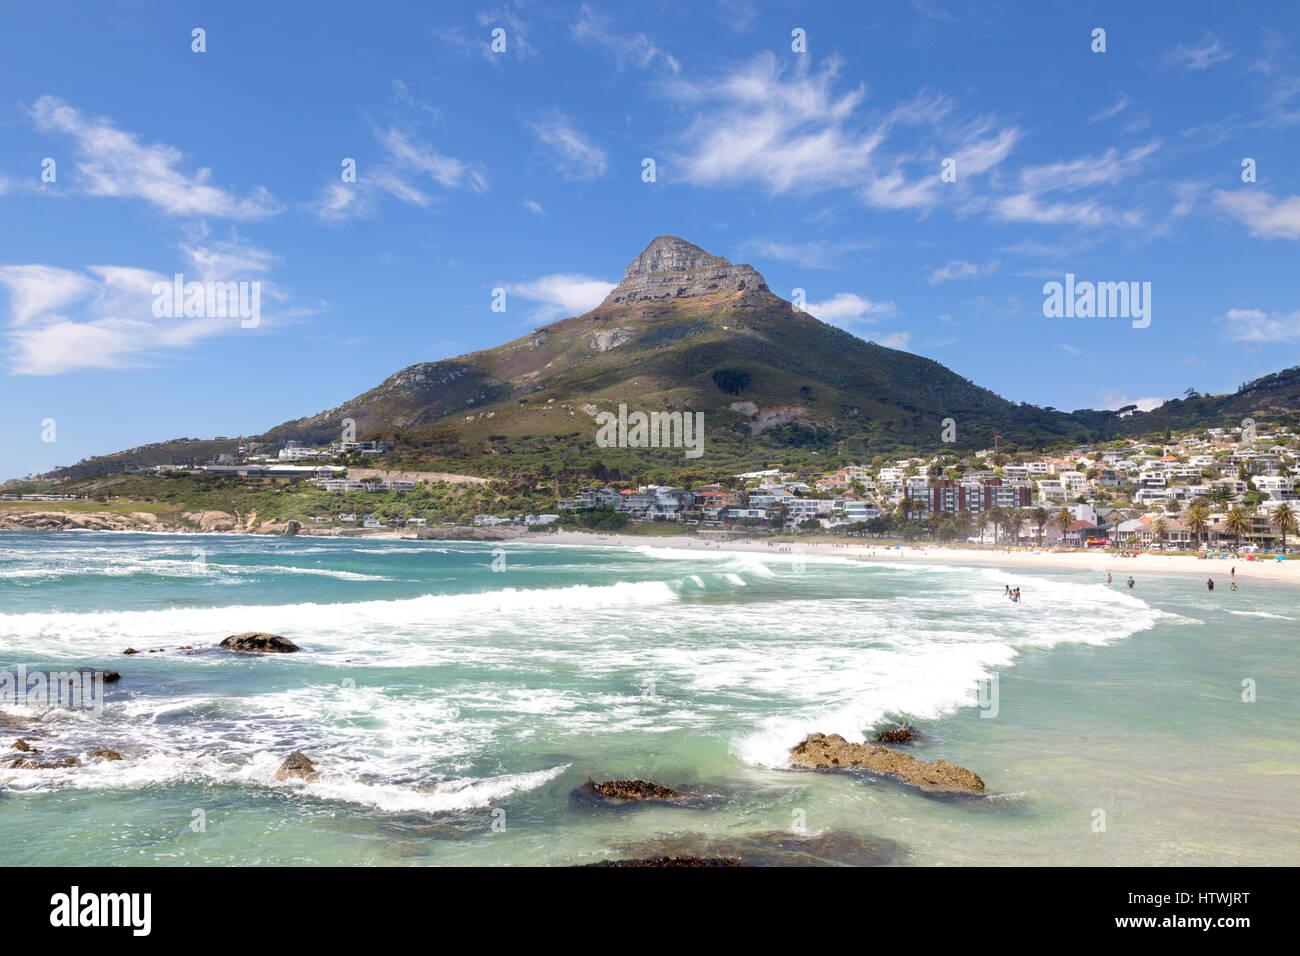 Città del Capo Camps Bay Beach South Africa - con i Lions Head mountain, Sud Africa Immagini Stock